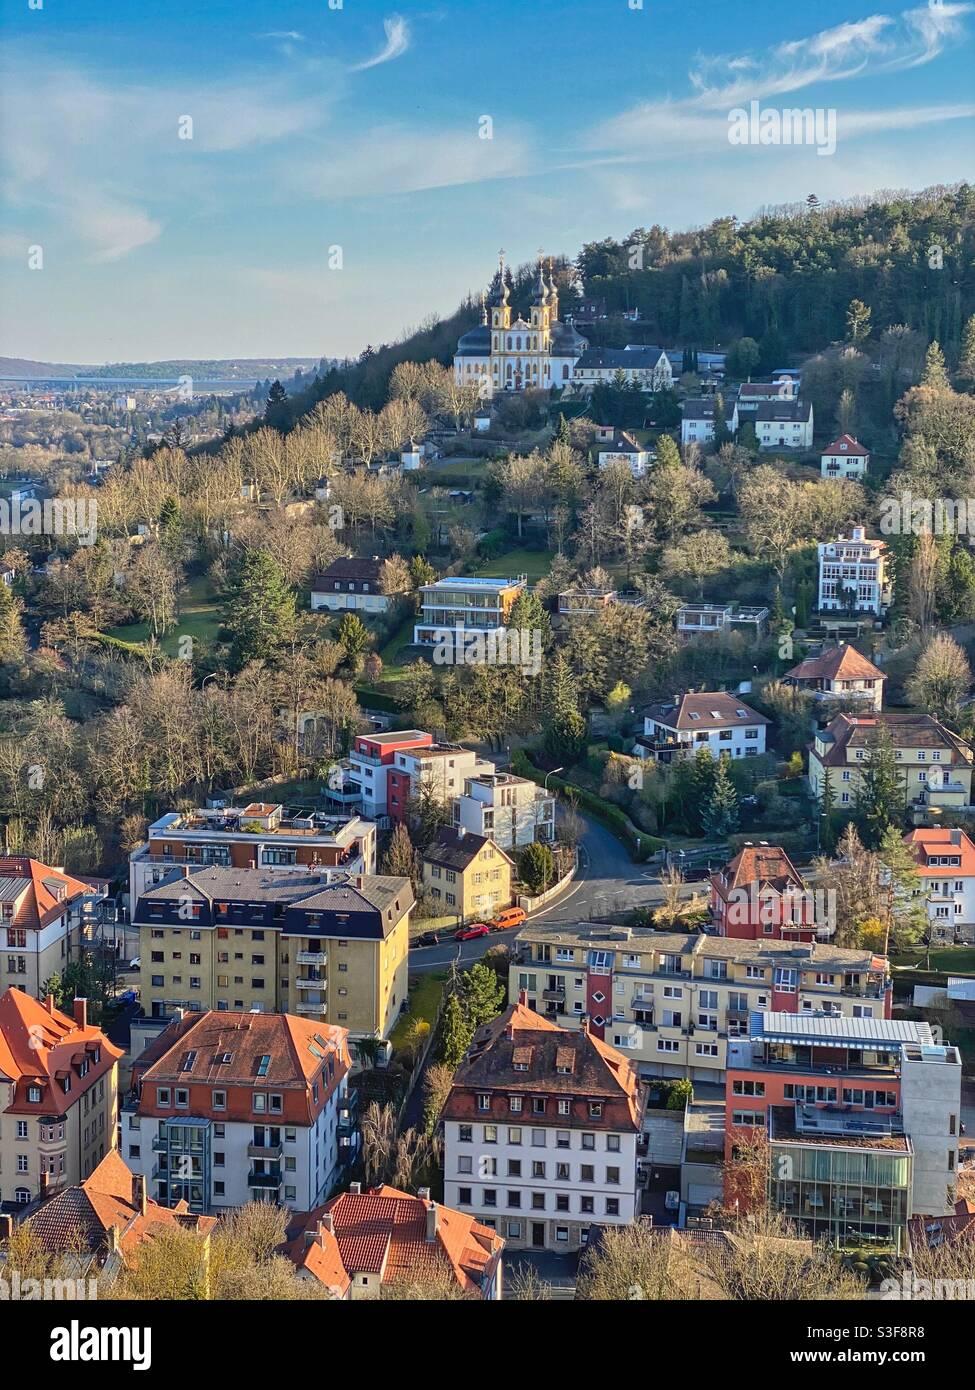 Blick auf Zellerau und Käppele-Kirche vom Marienberg in Würzburg. Stockfoto